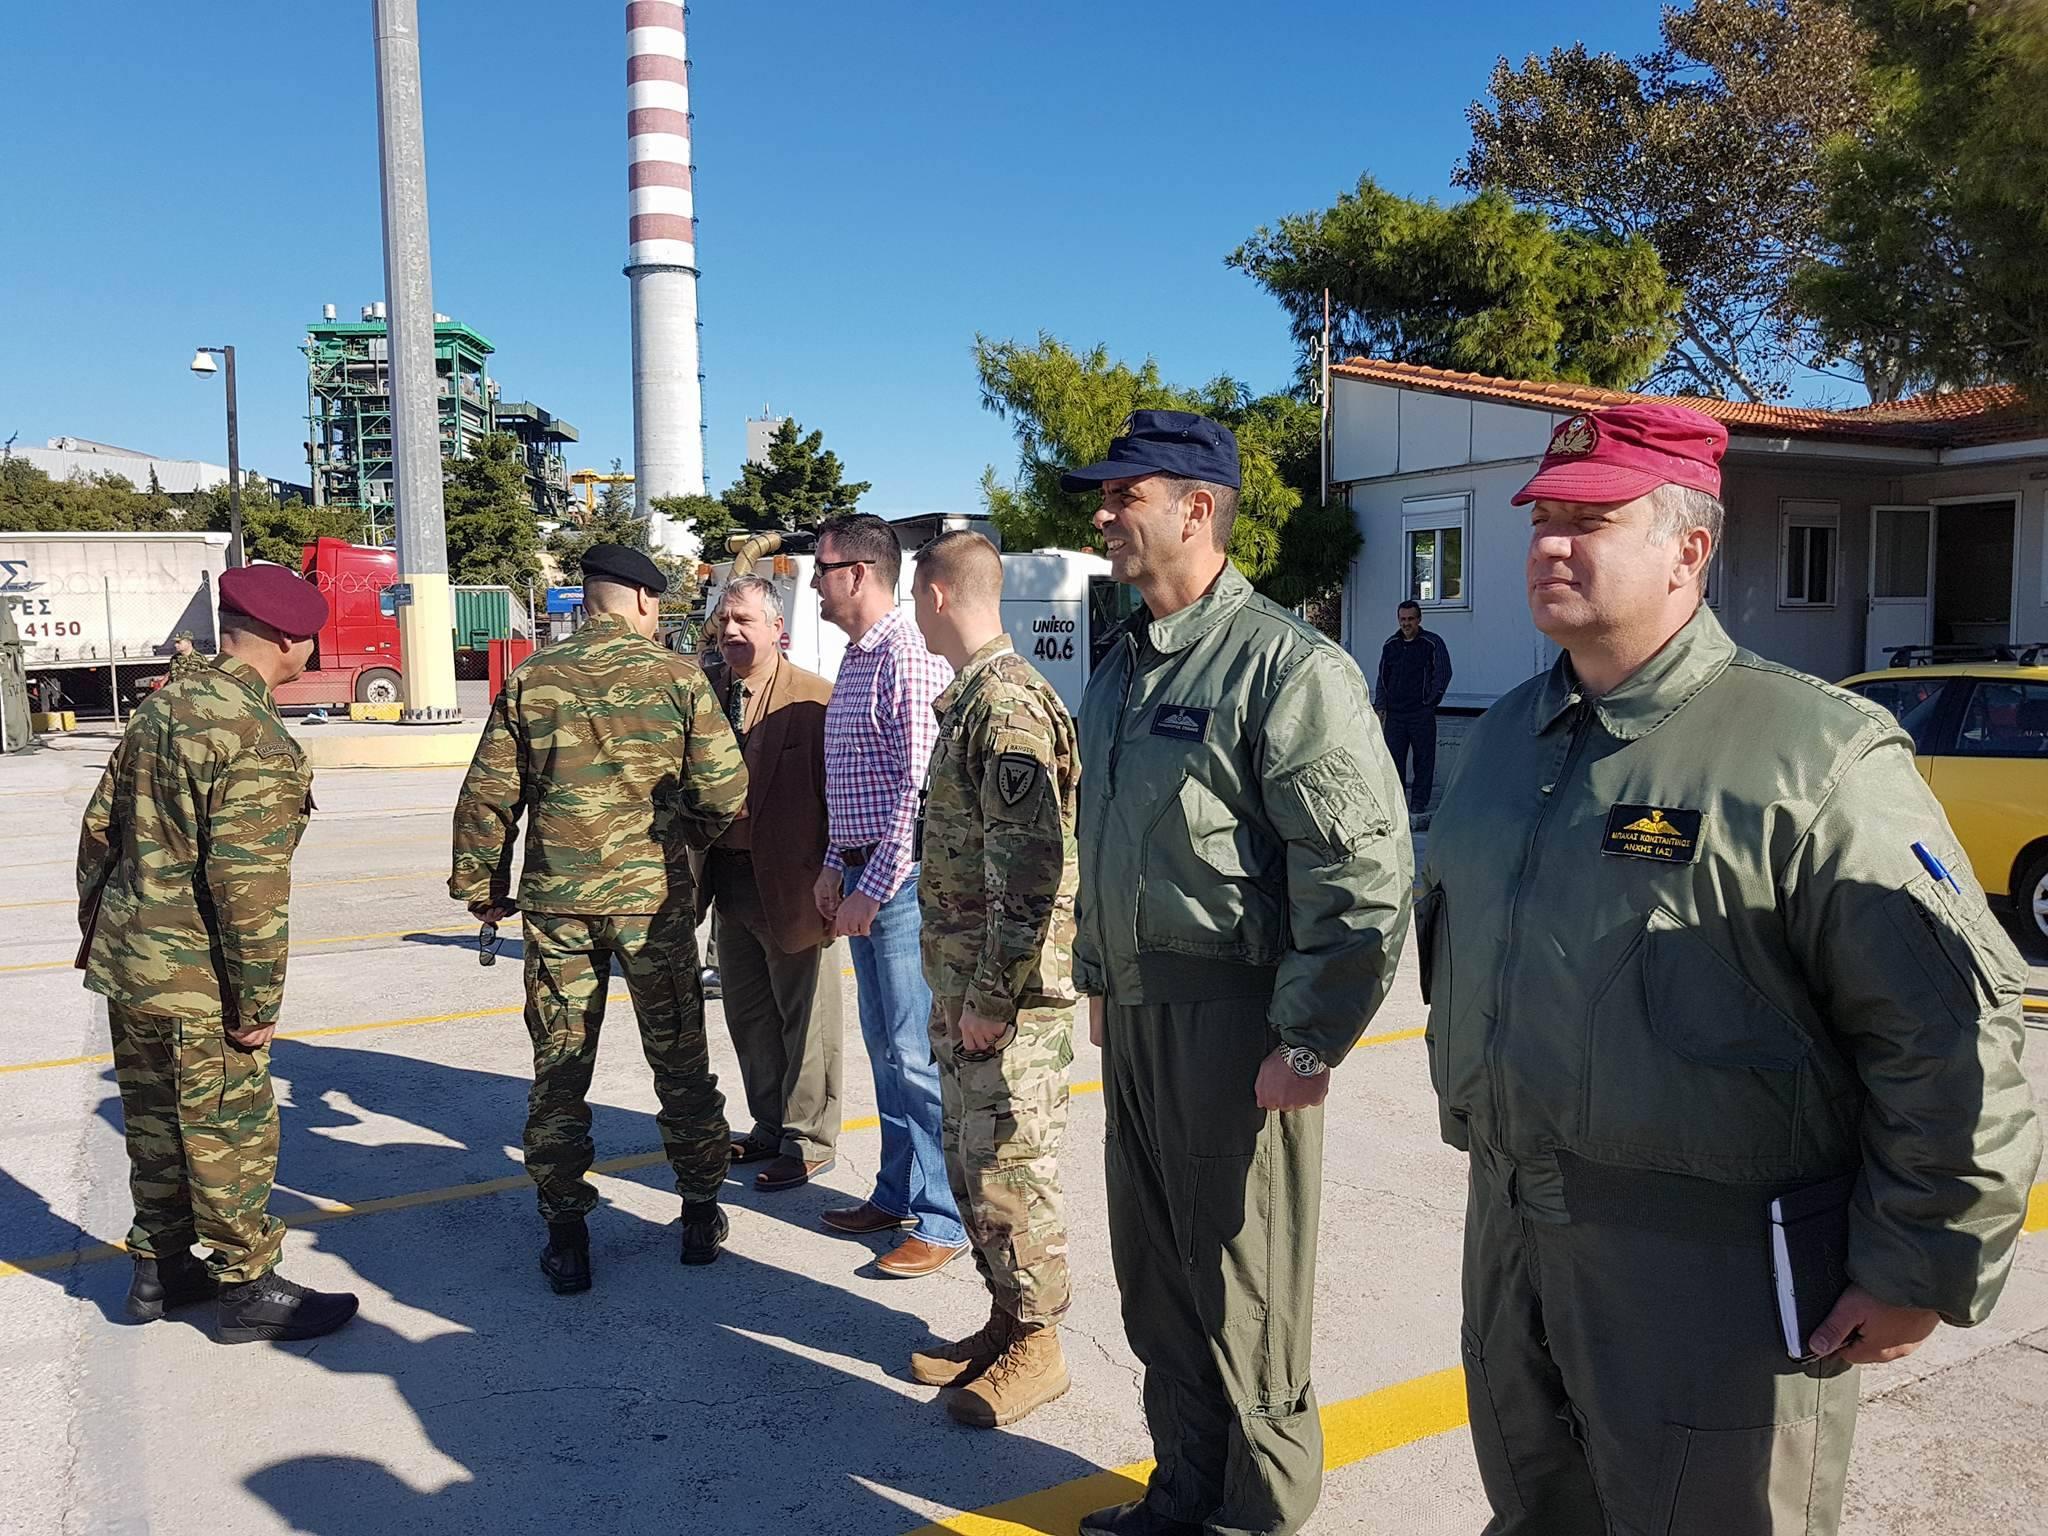 ΗΠΑ σε Ελλάδα: «Επανεξοπλισμός εδώ και τώρα, μην χάνετε χρόνο» – Εφτασαν τα πρώτα CH-47D Chinook – Ακολουθούν OH-58D Kiowa Warrior - Εικόνα5